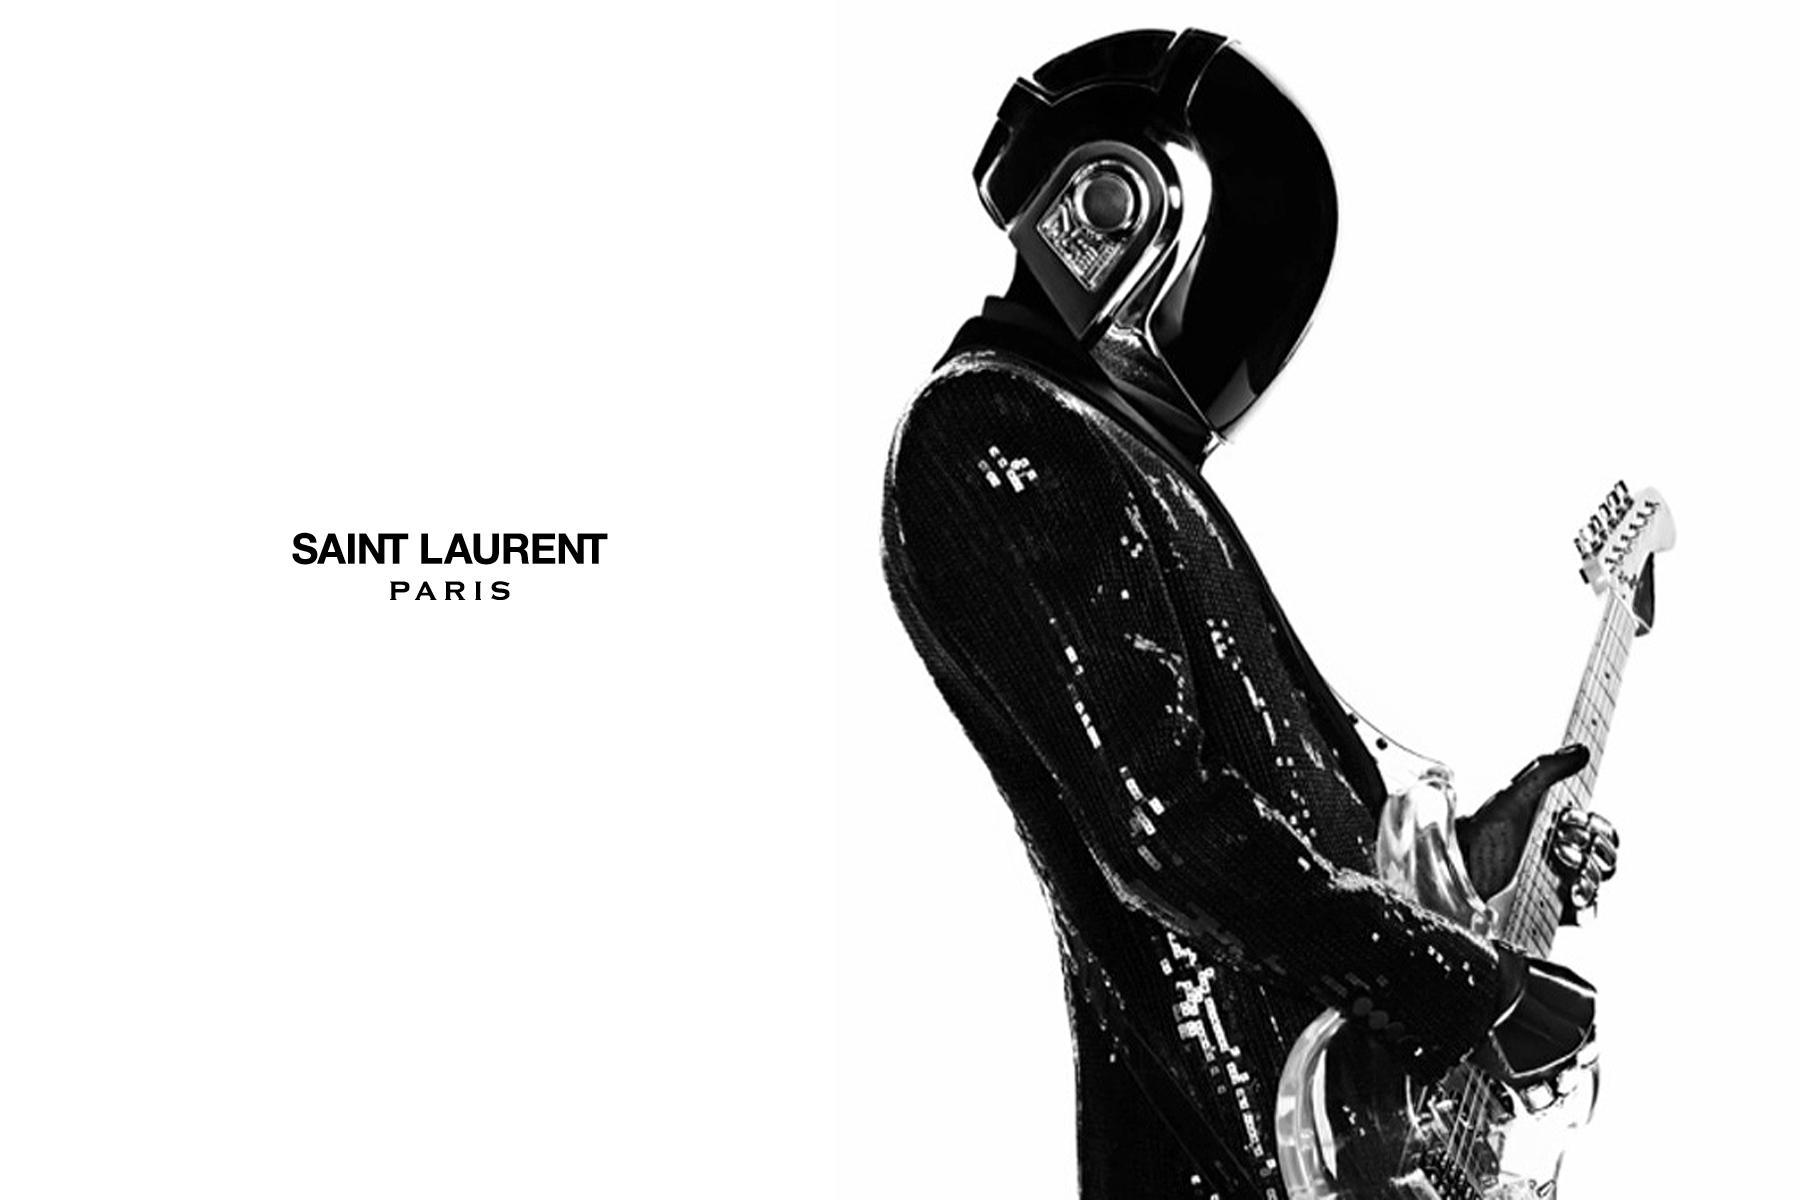 Daft Punk Karlie Kloss dubstep dub electro guitar g wallpaper ...